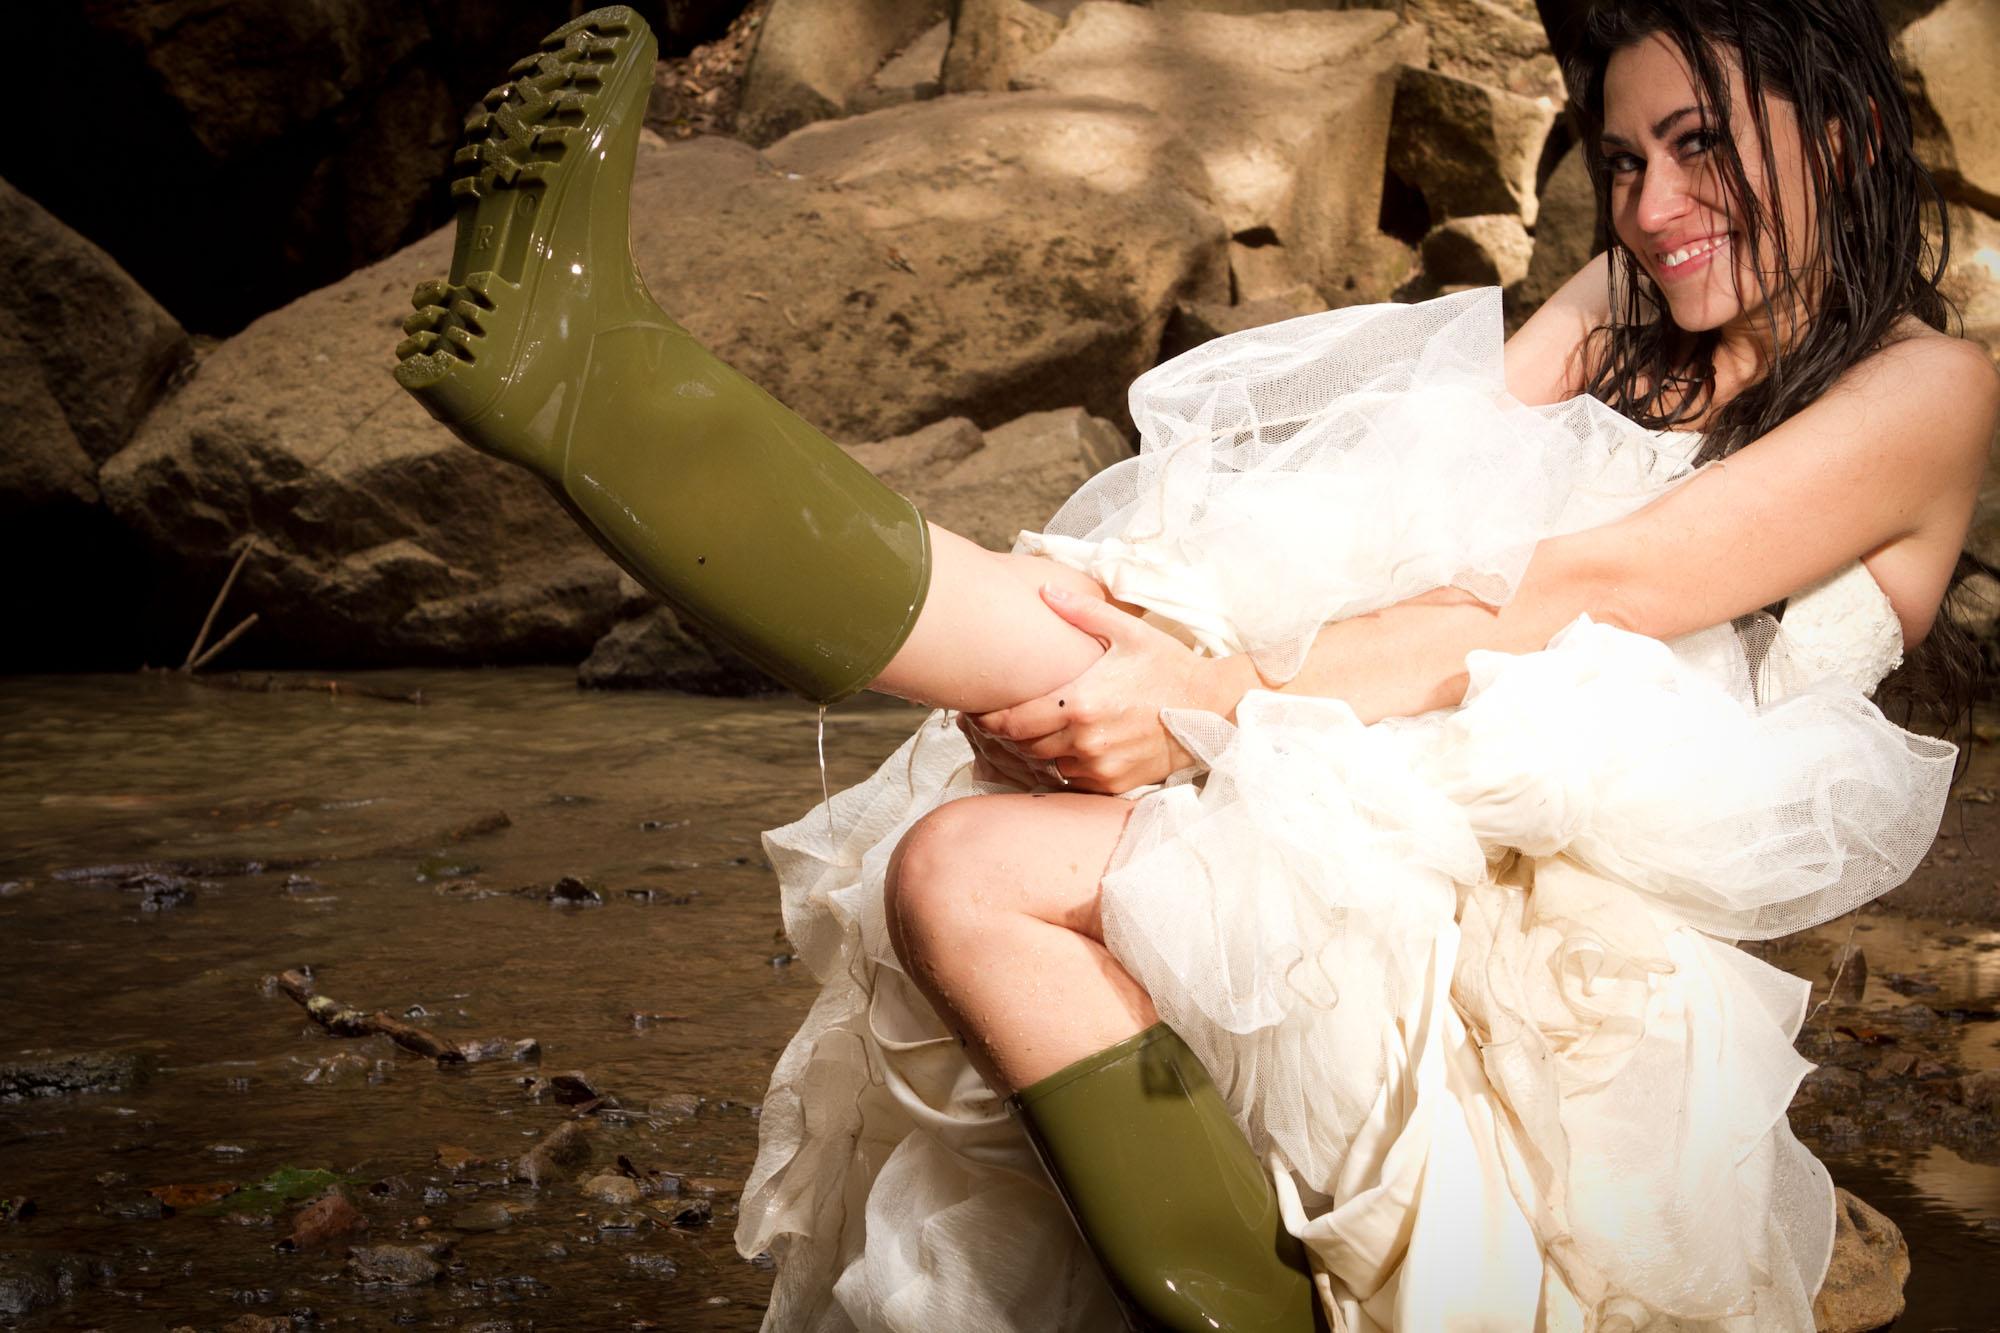 fotografo de bodas ever lopez trash the dress guadalajara jalisco mexico